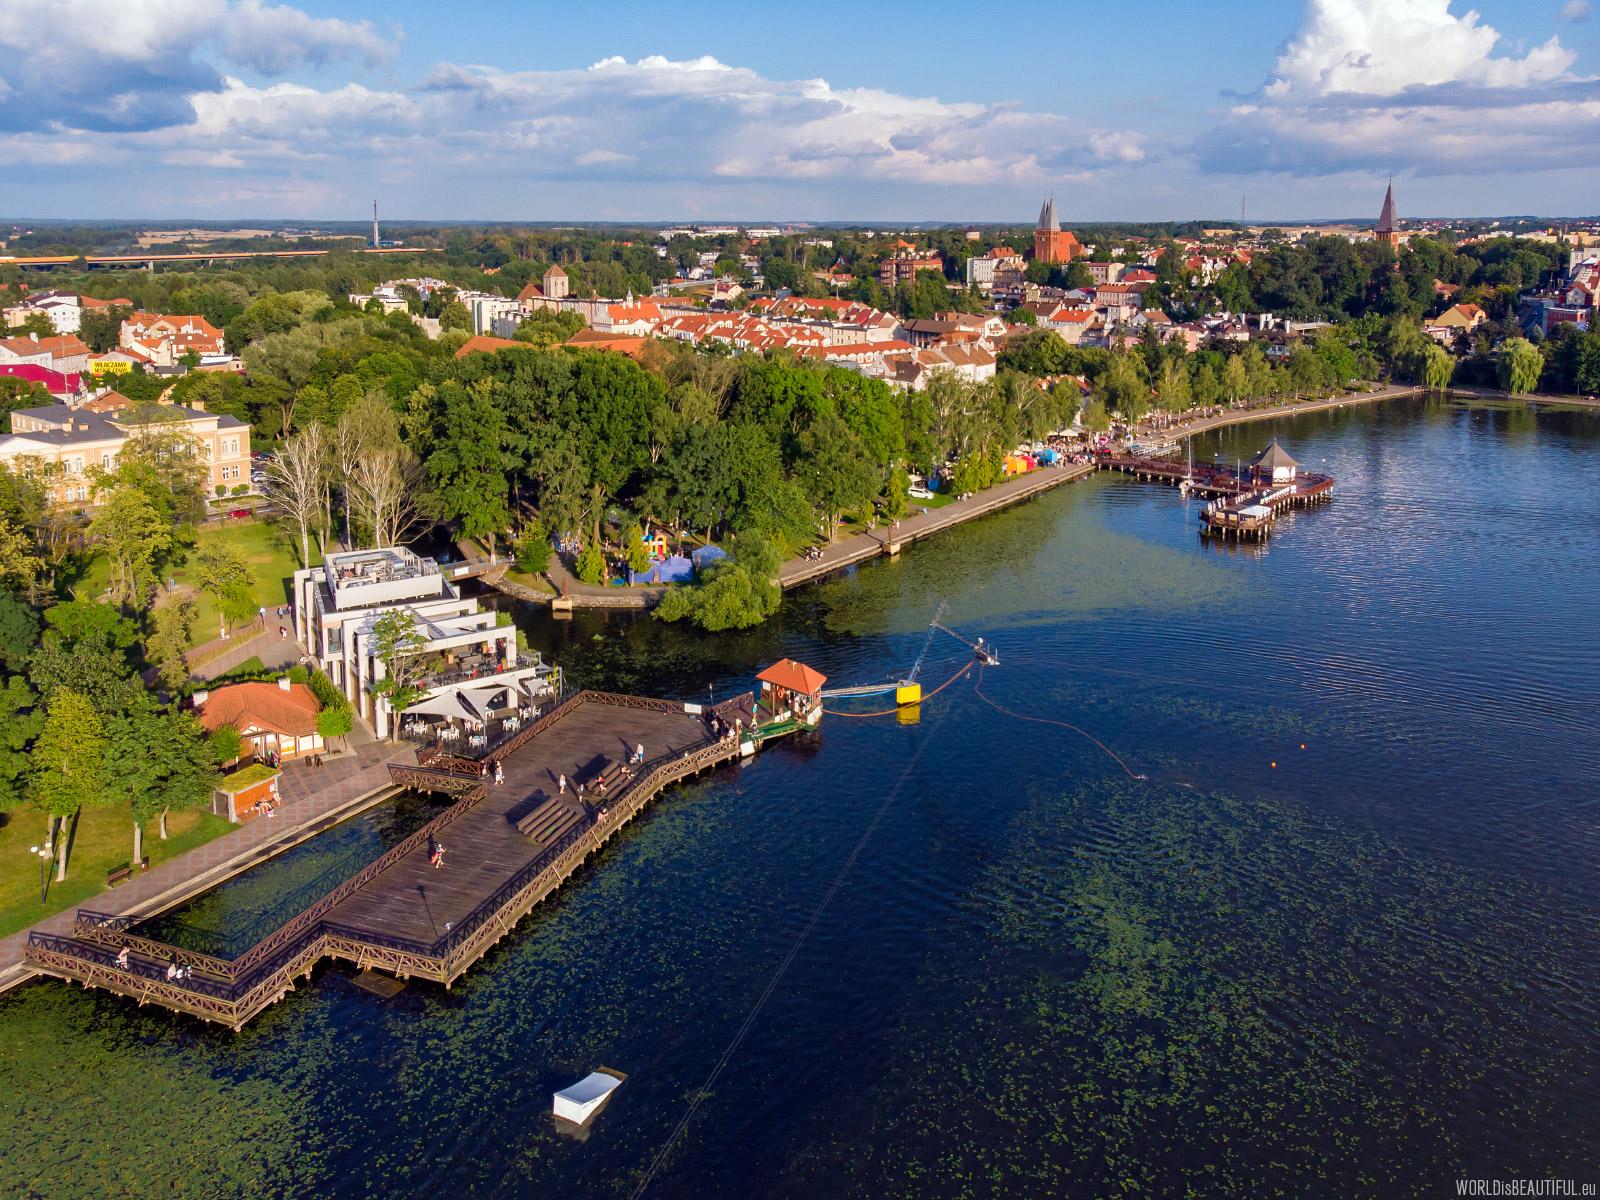 Atrakcje turystyczne w Ostródzie